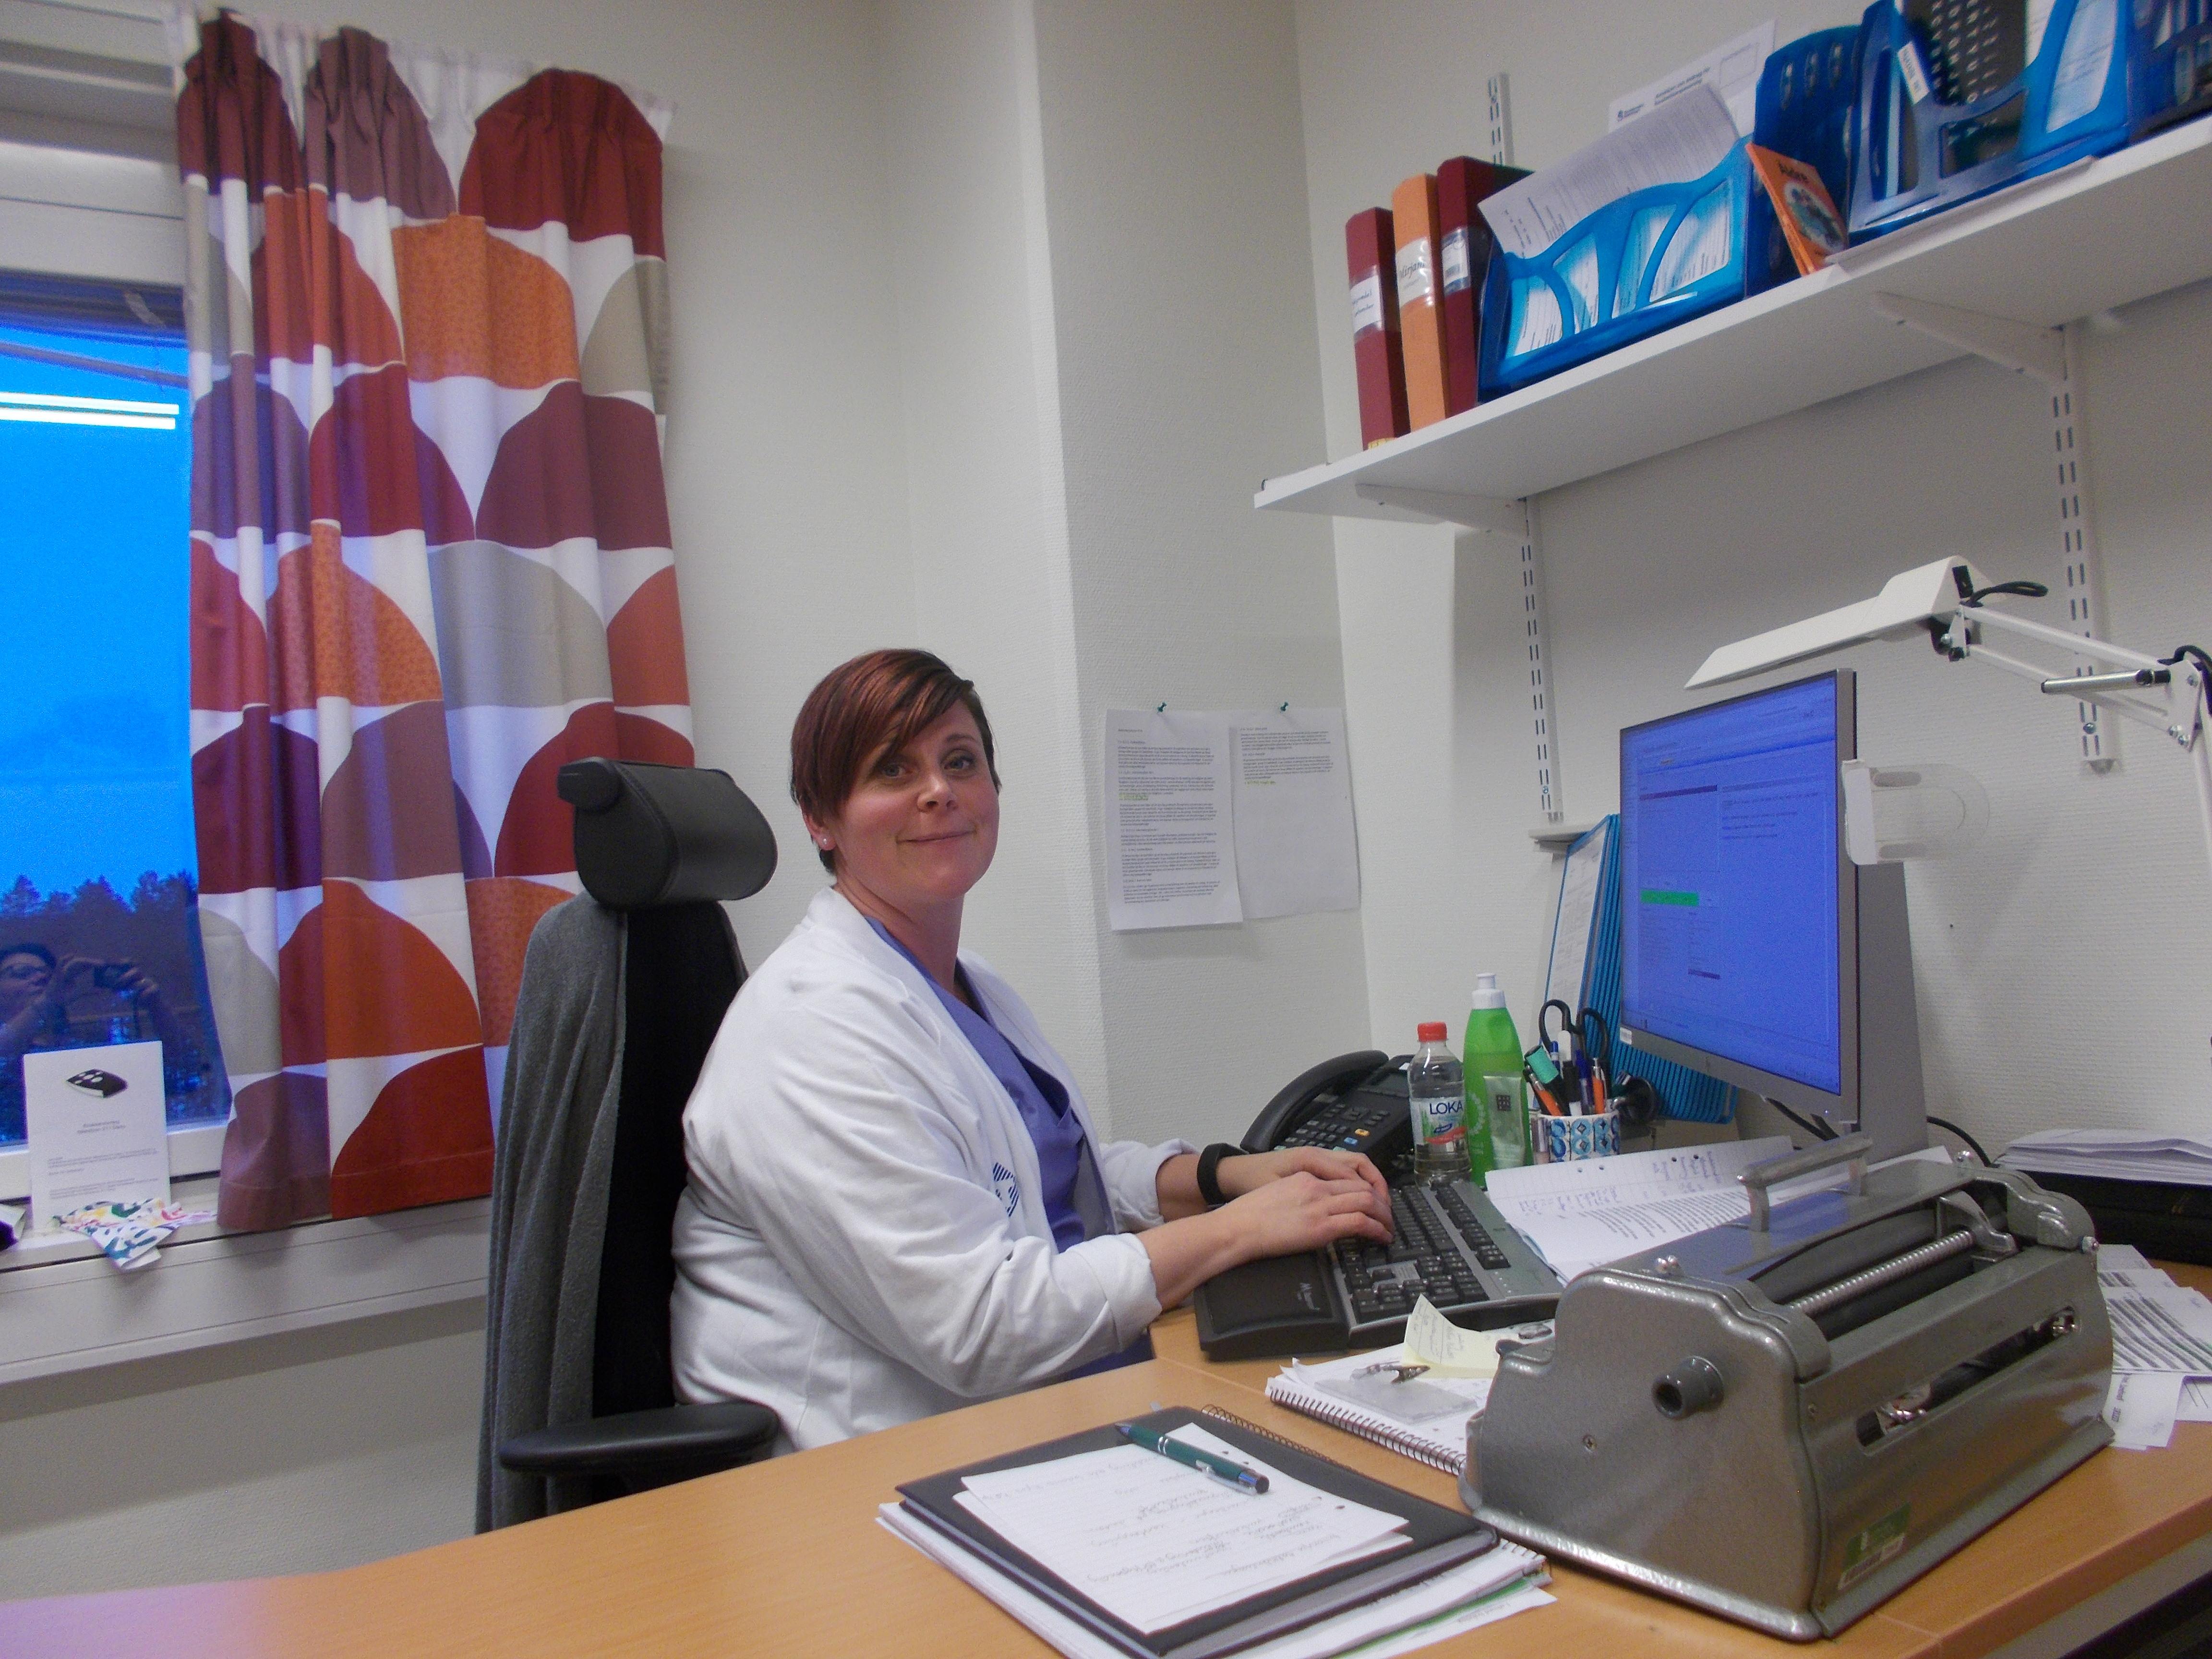 Mirjam sitter vid sin dator och skriver journaler. Hon bär Regionens vita och blå tjänsteuniform.